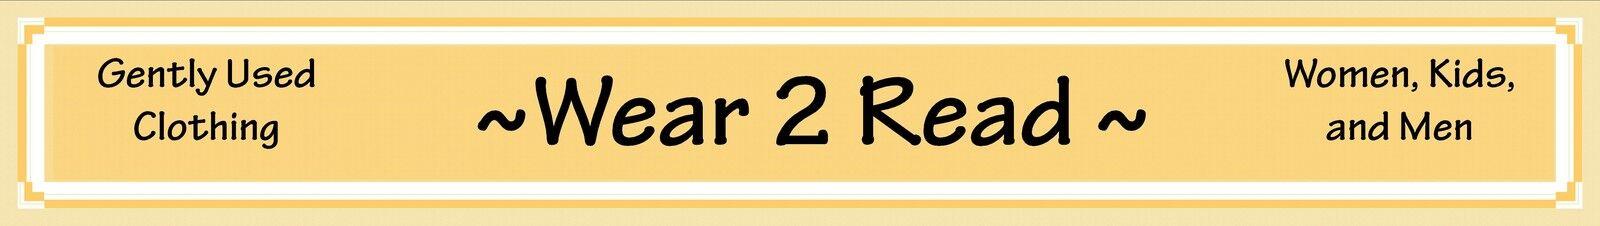 Wear2Read